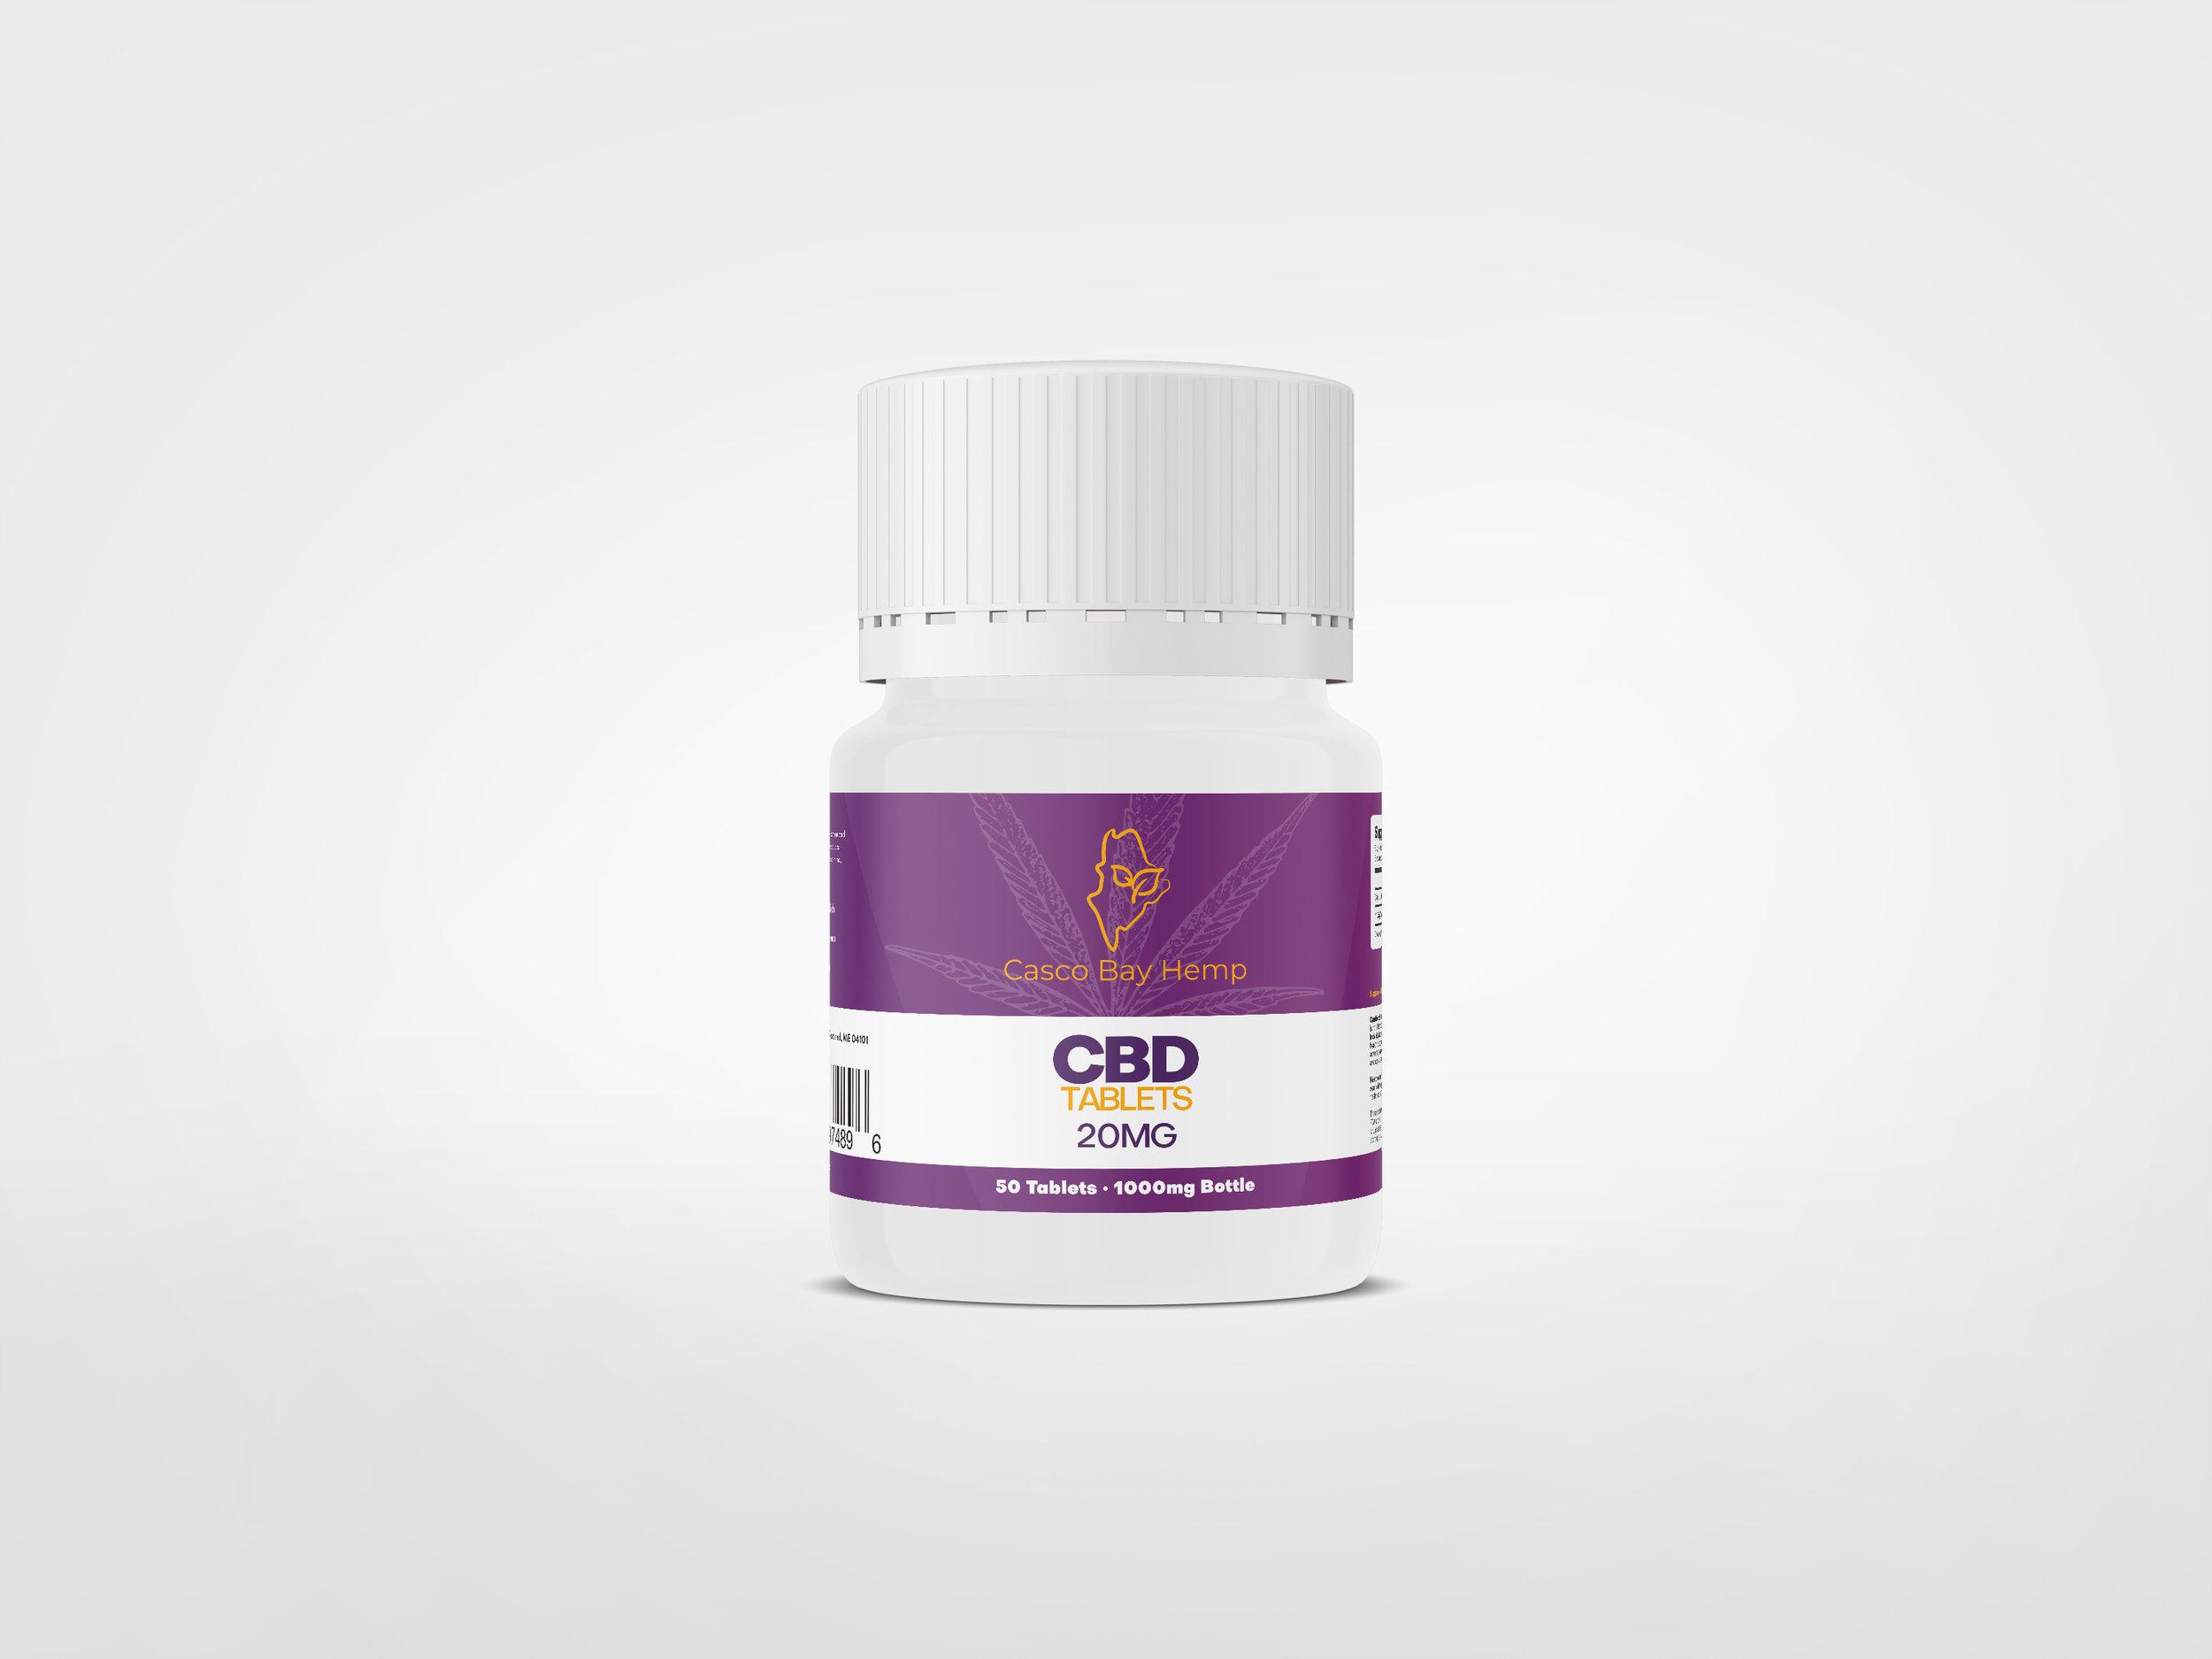 1000mg Bottle CBD Pills